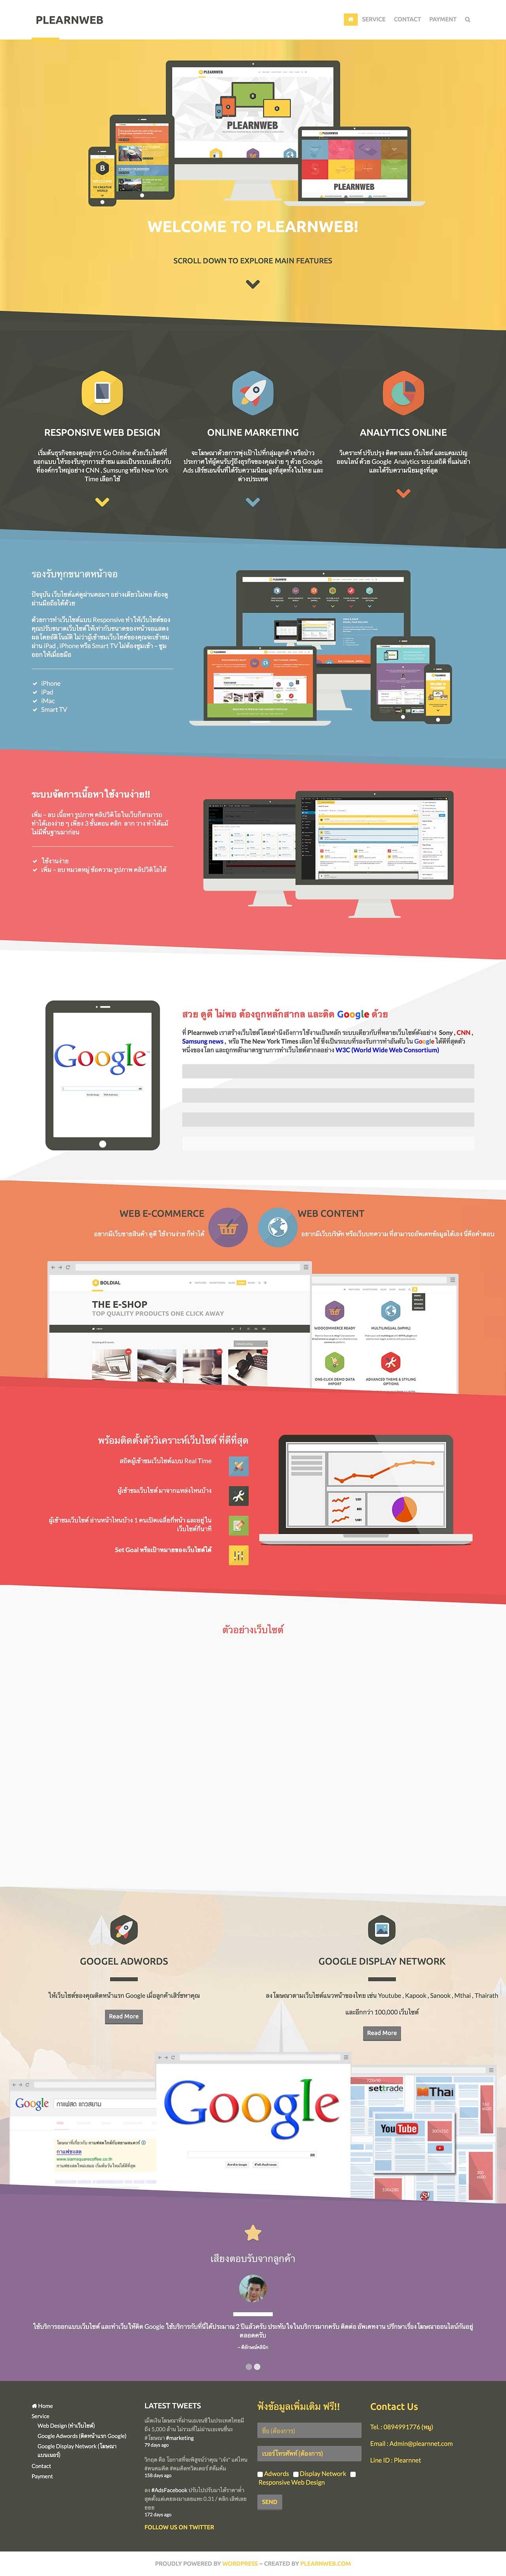 Plearnweb-บริการรับทำเว็บไซต์-โฆษณา-Google-Adwords-ลงโฆษณา-Google-(20141124)